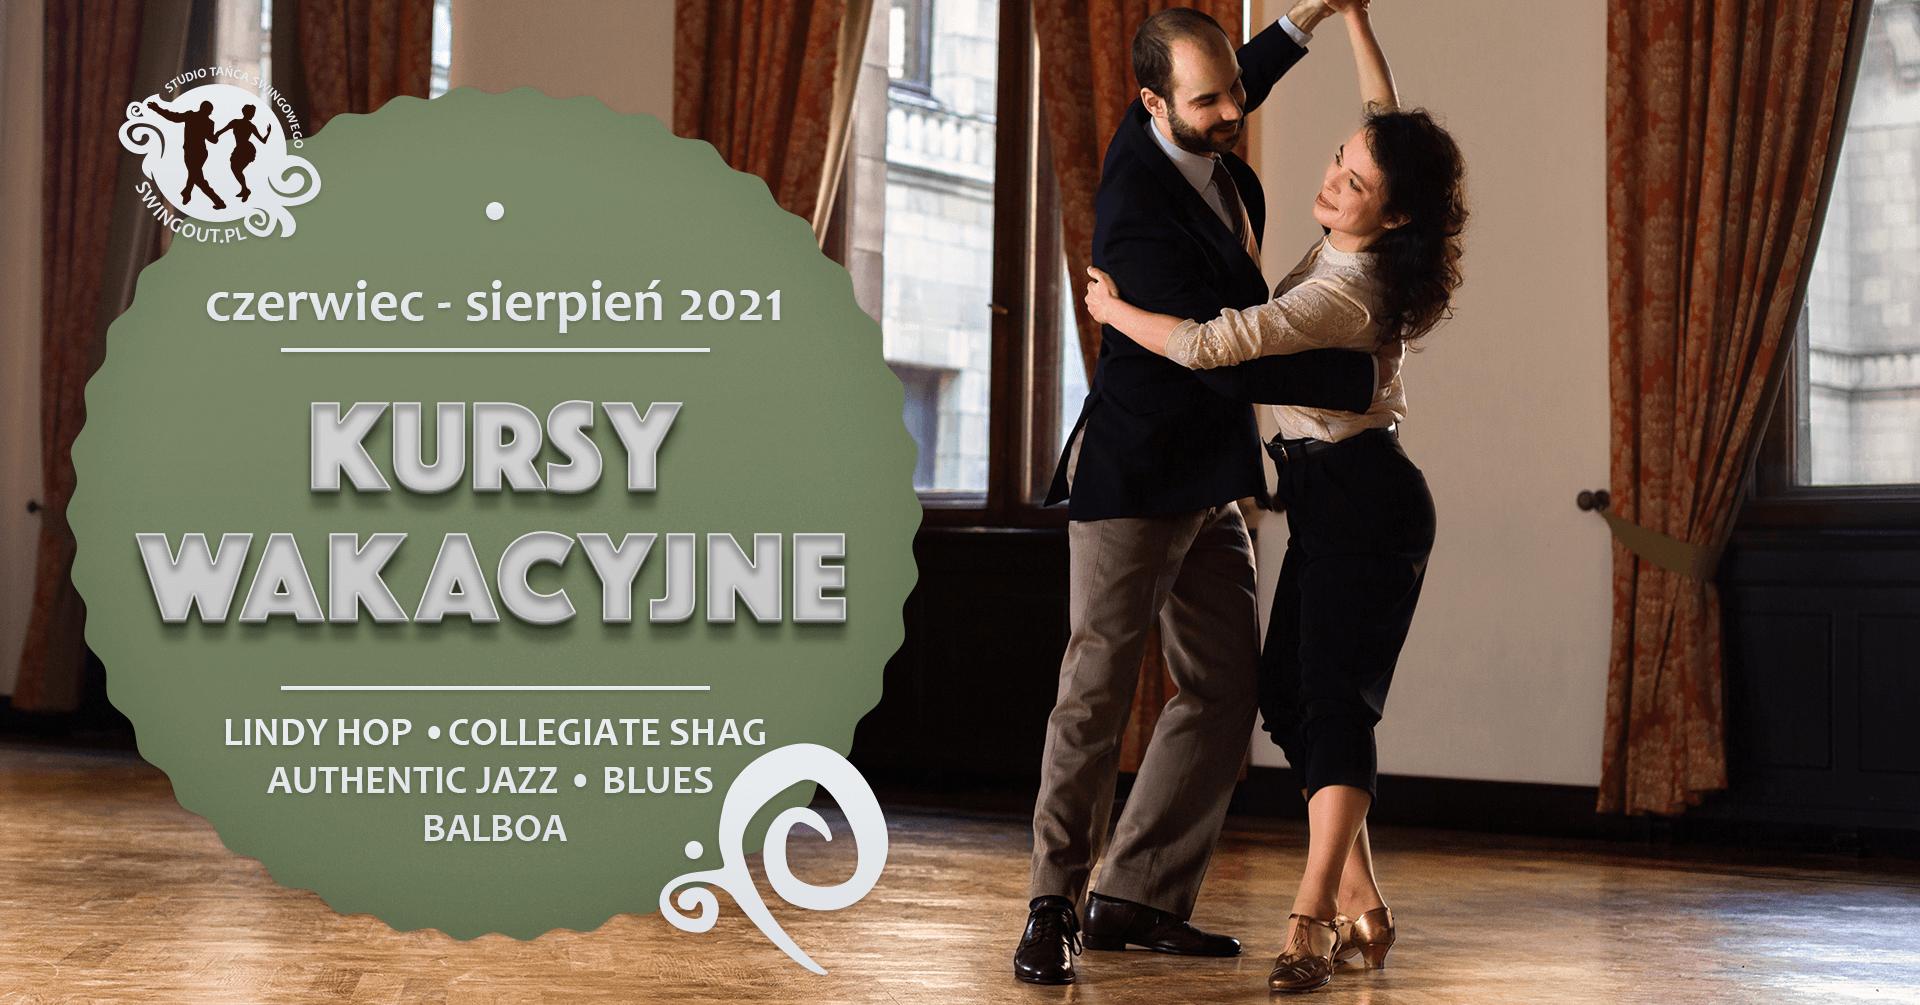 Para tańcząca Lindy Hop w Pałacu Kultury i Nauki w Warszawie